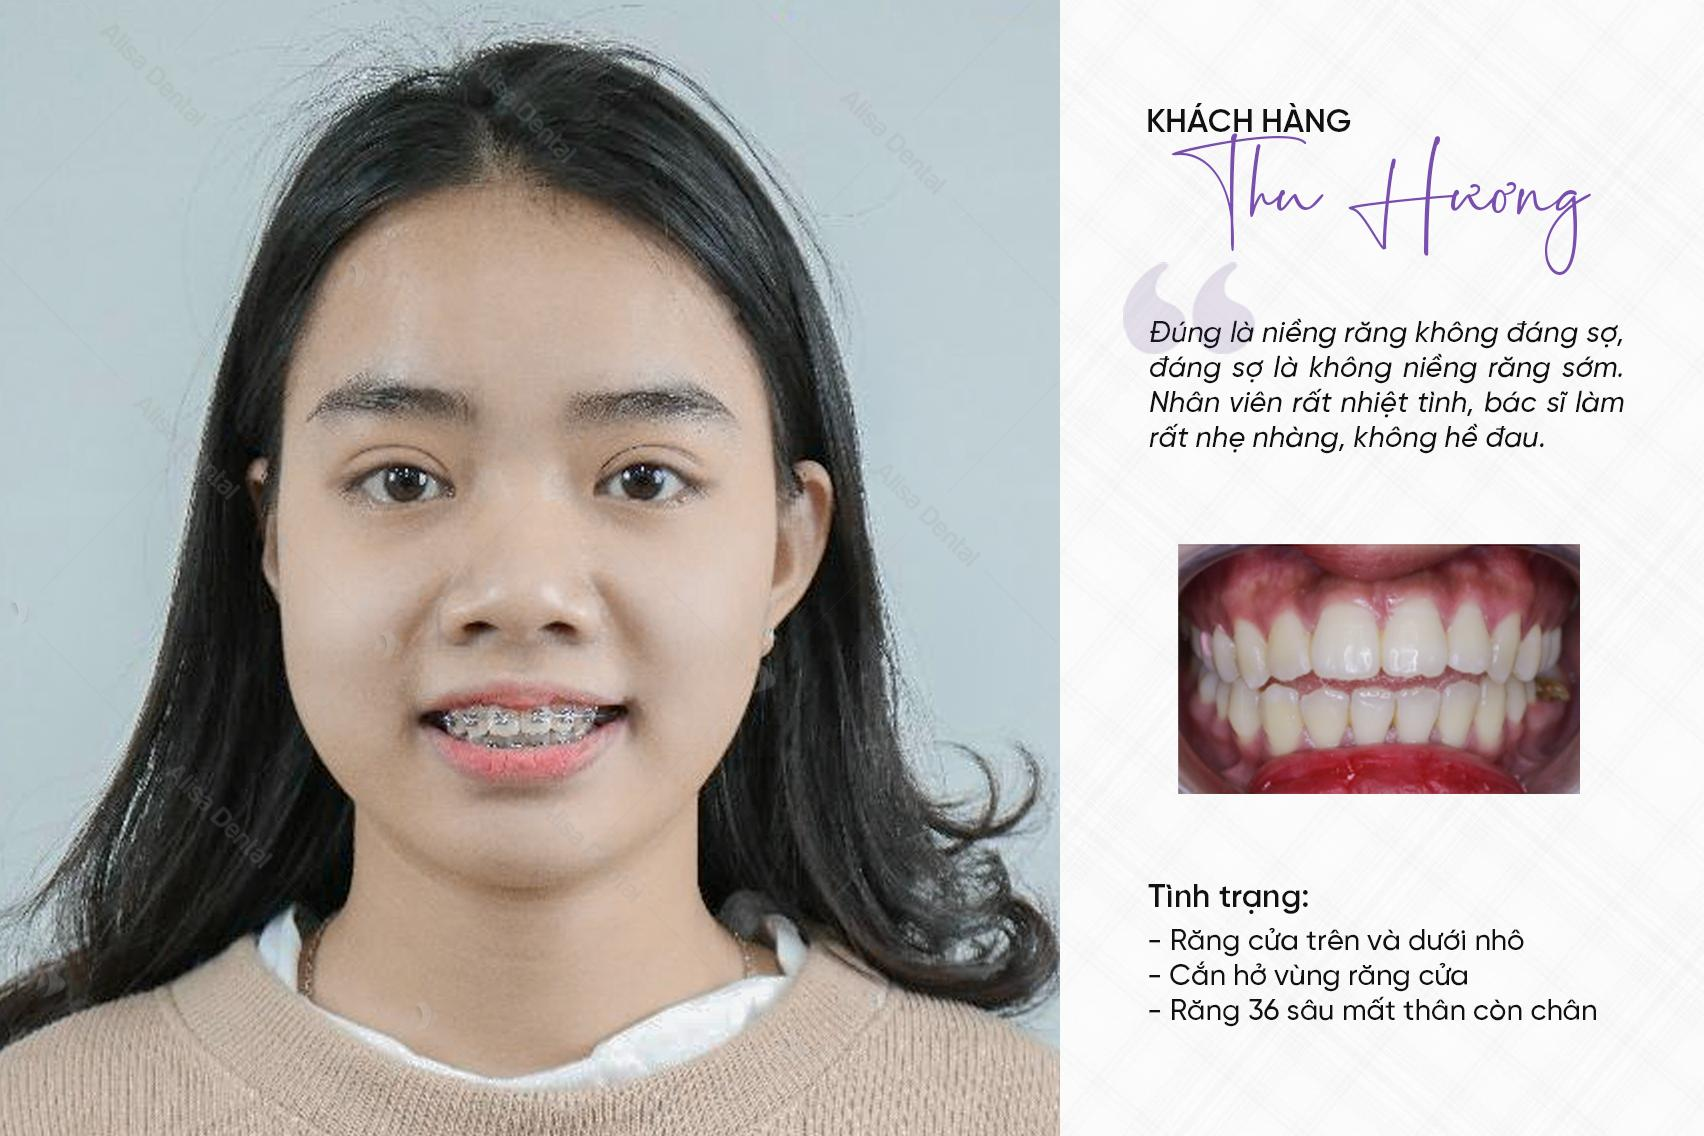 răng hô xấu 6